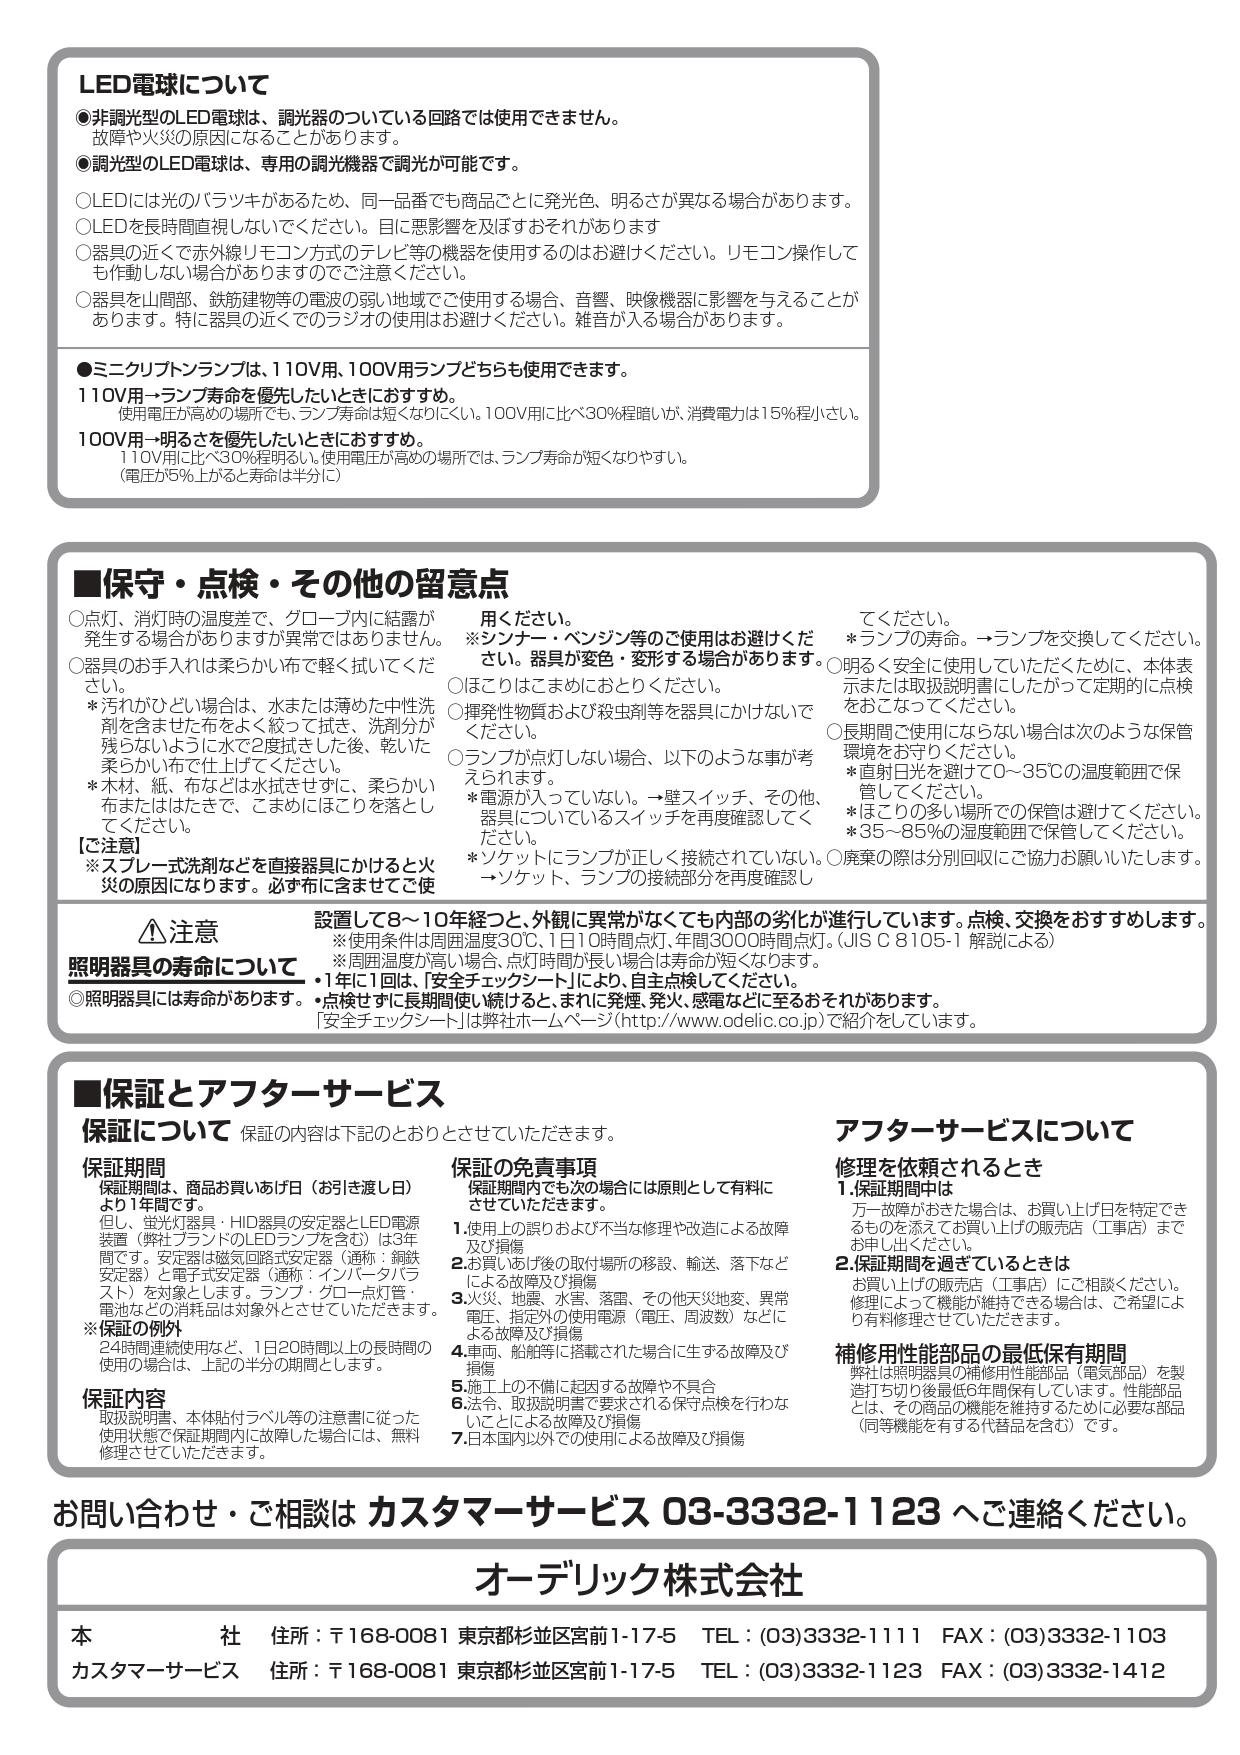 ポージィウォールライト UNOG 041 761LC_取扱説明書_page-0004